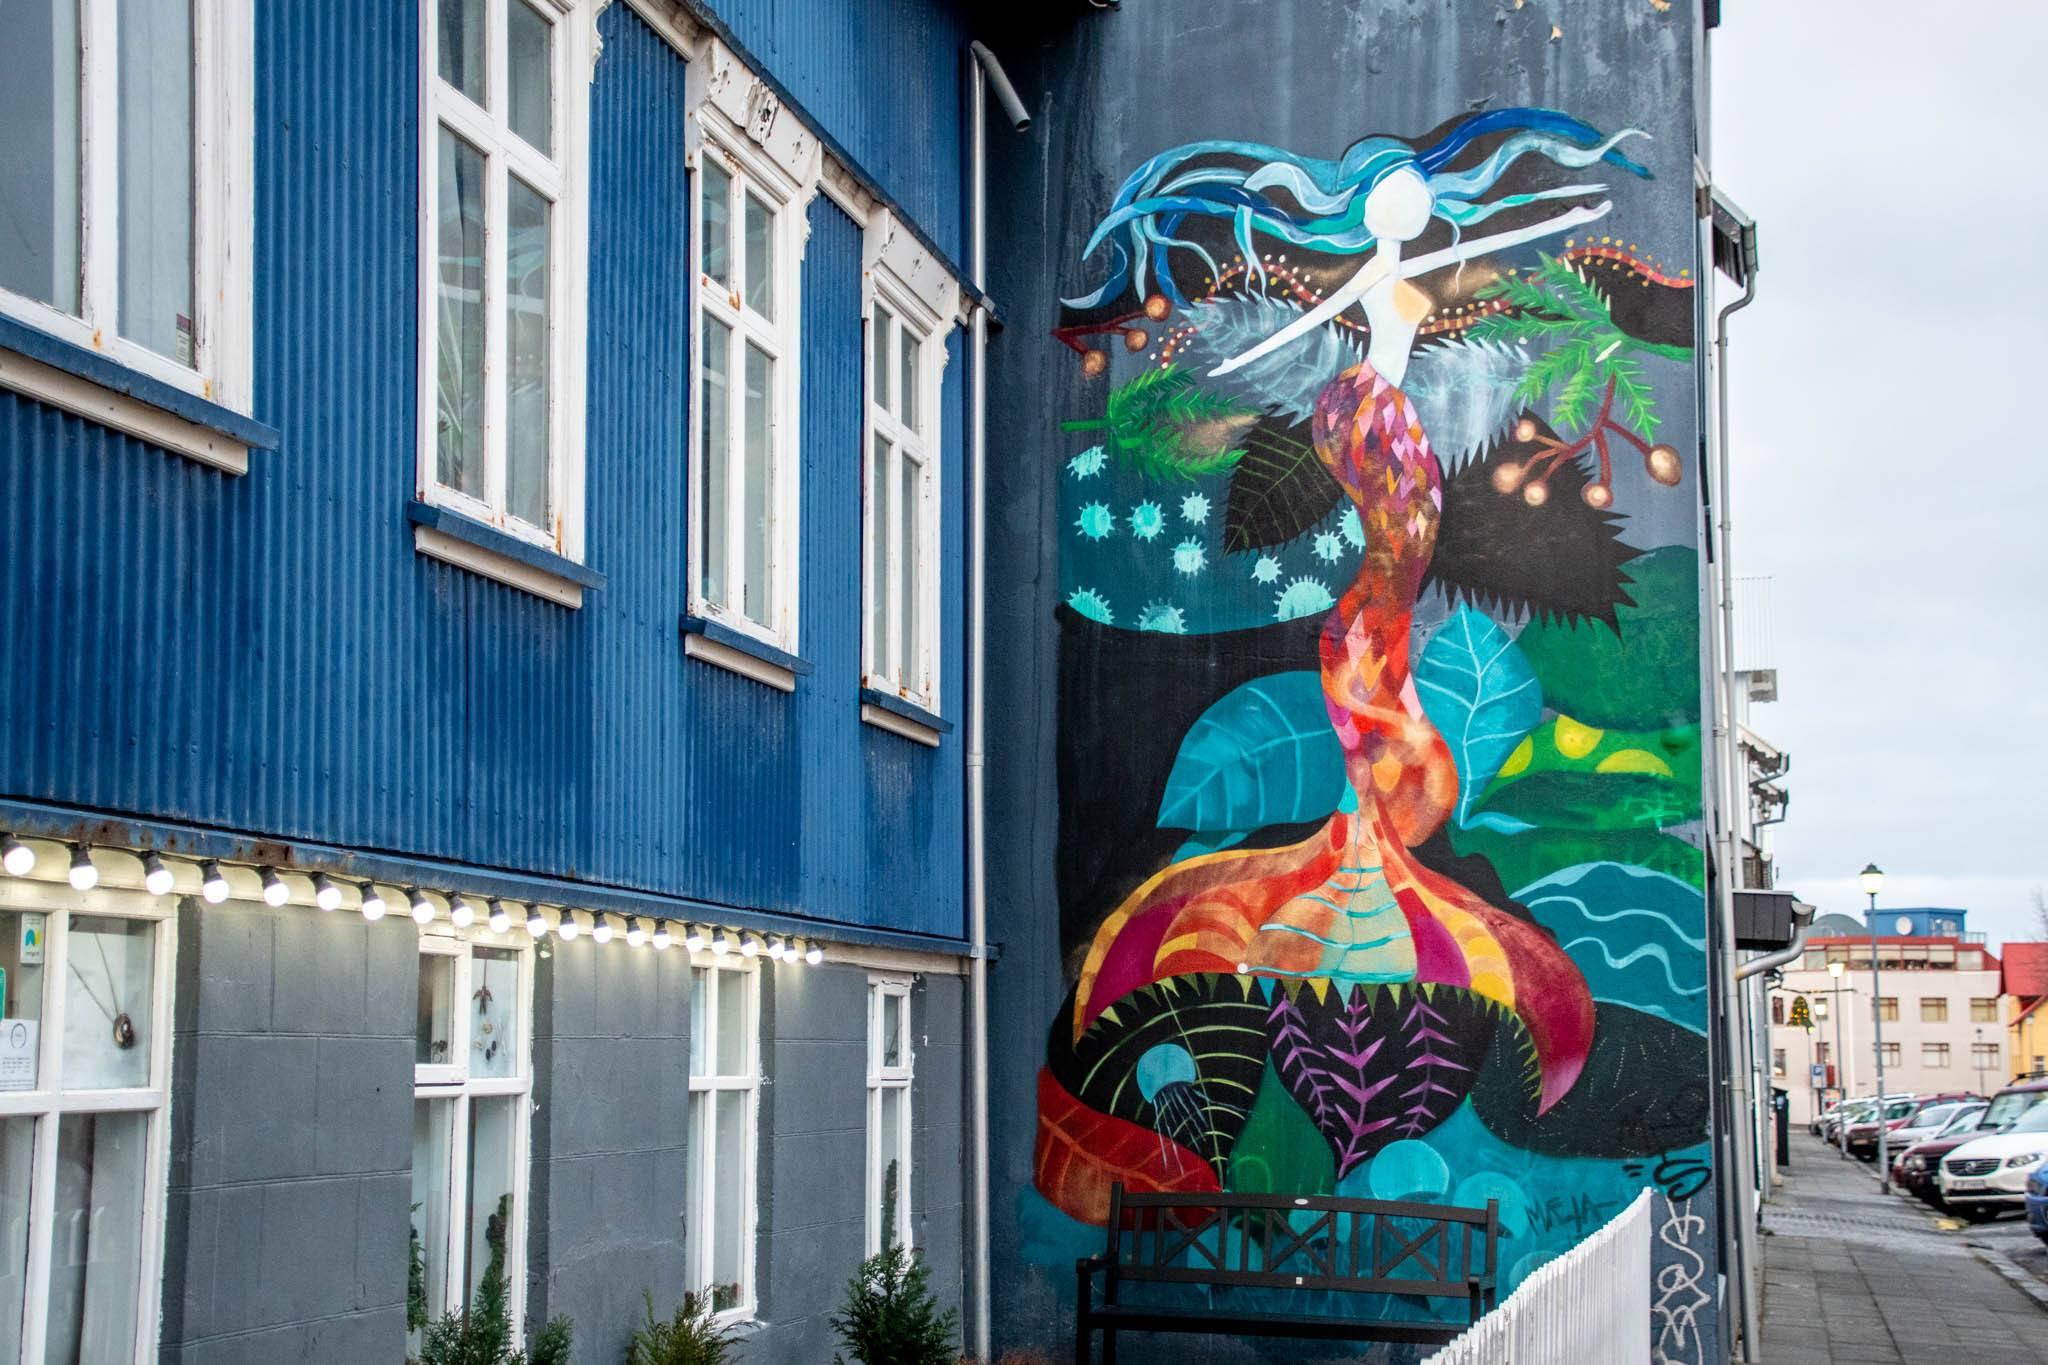 Icelandic Mermaid mural that is attributed to artist Raus.